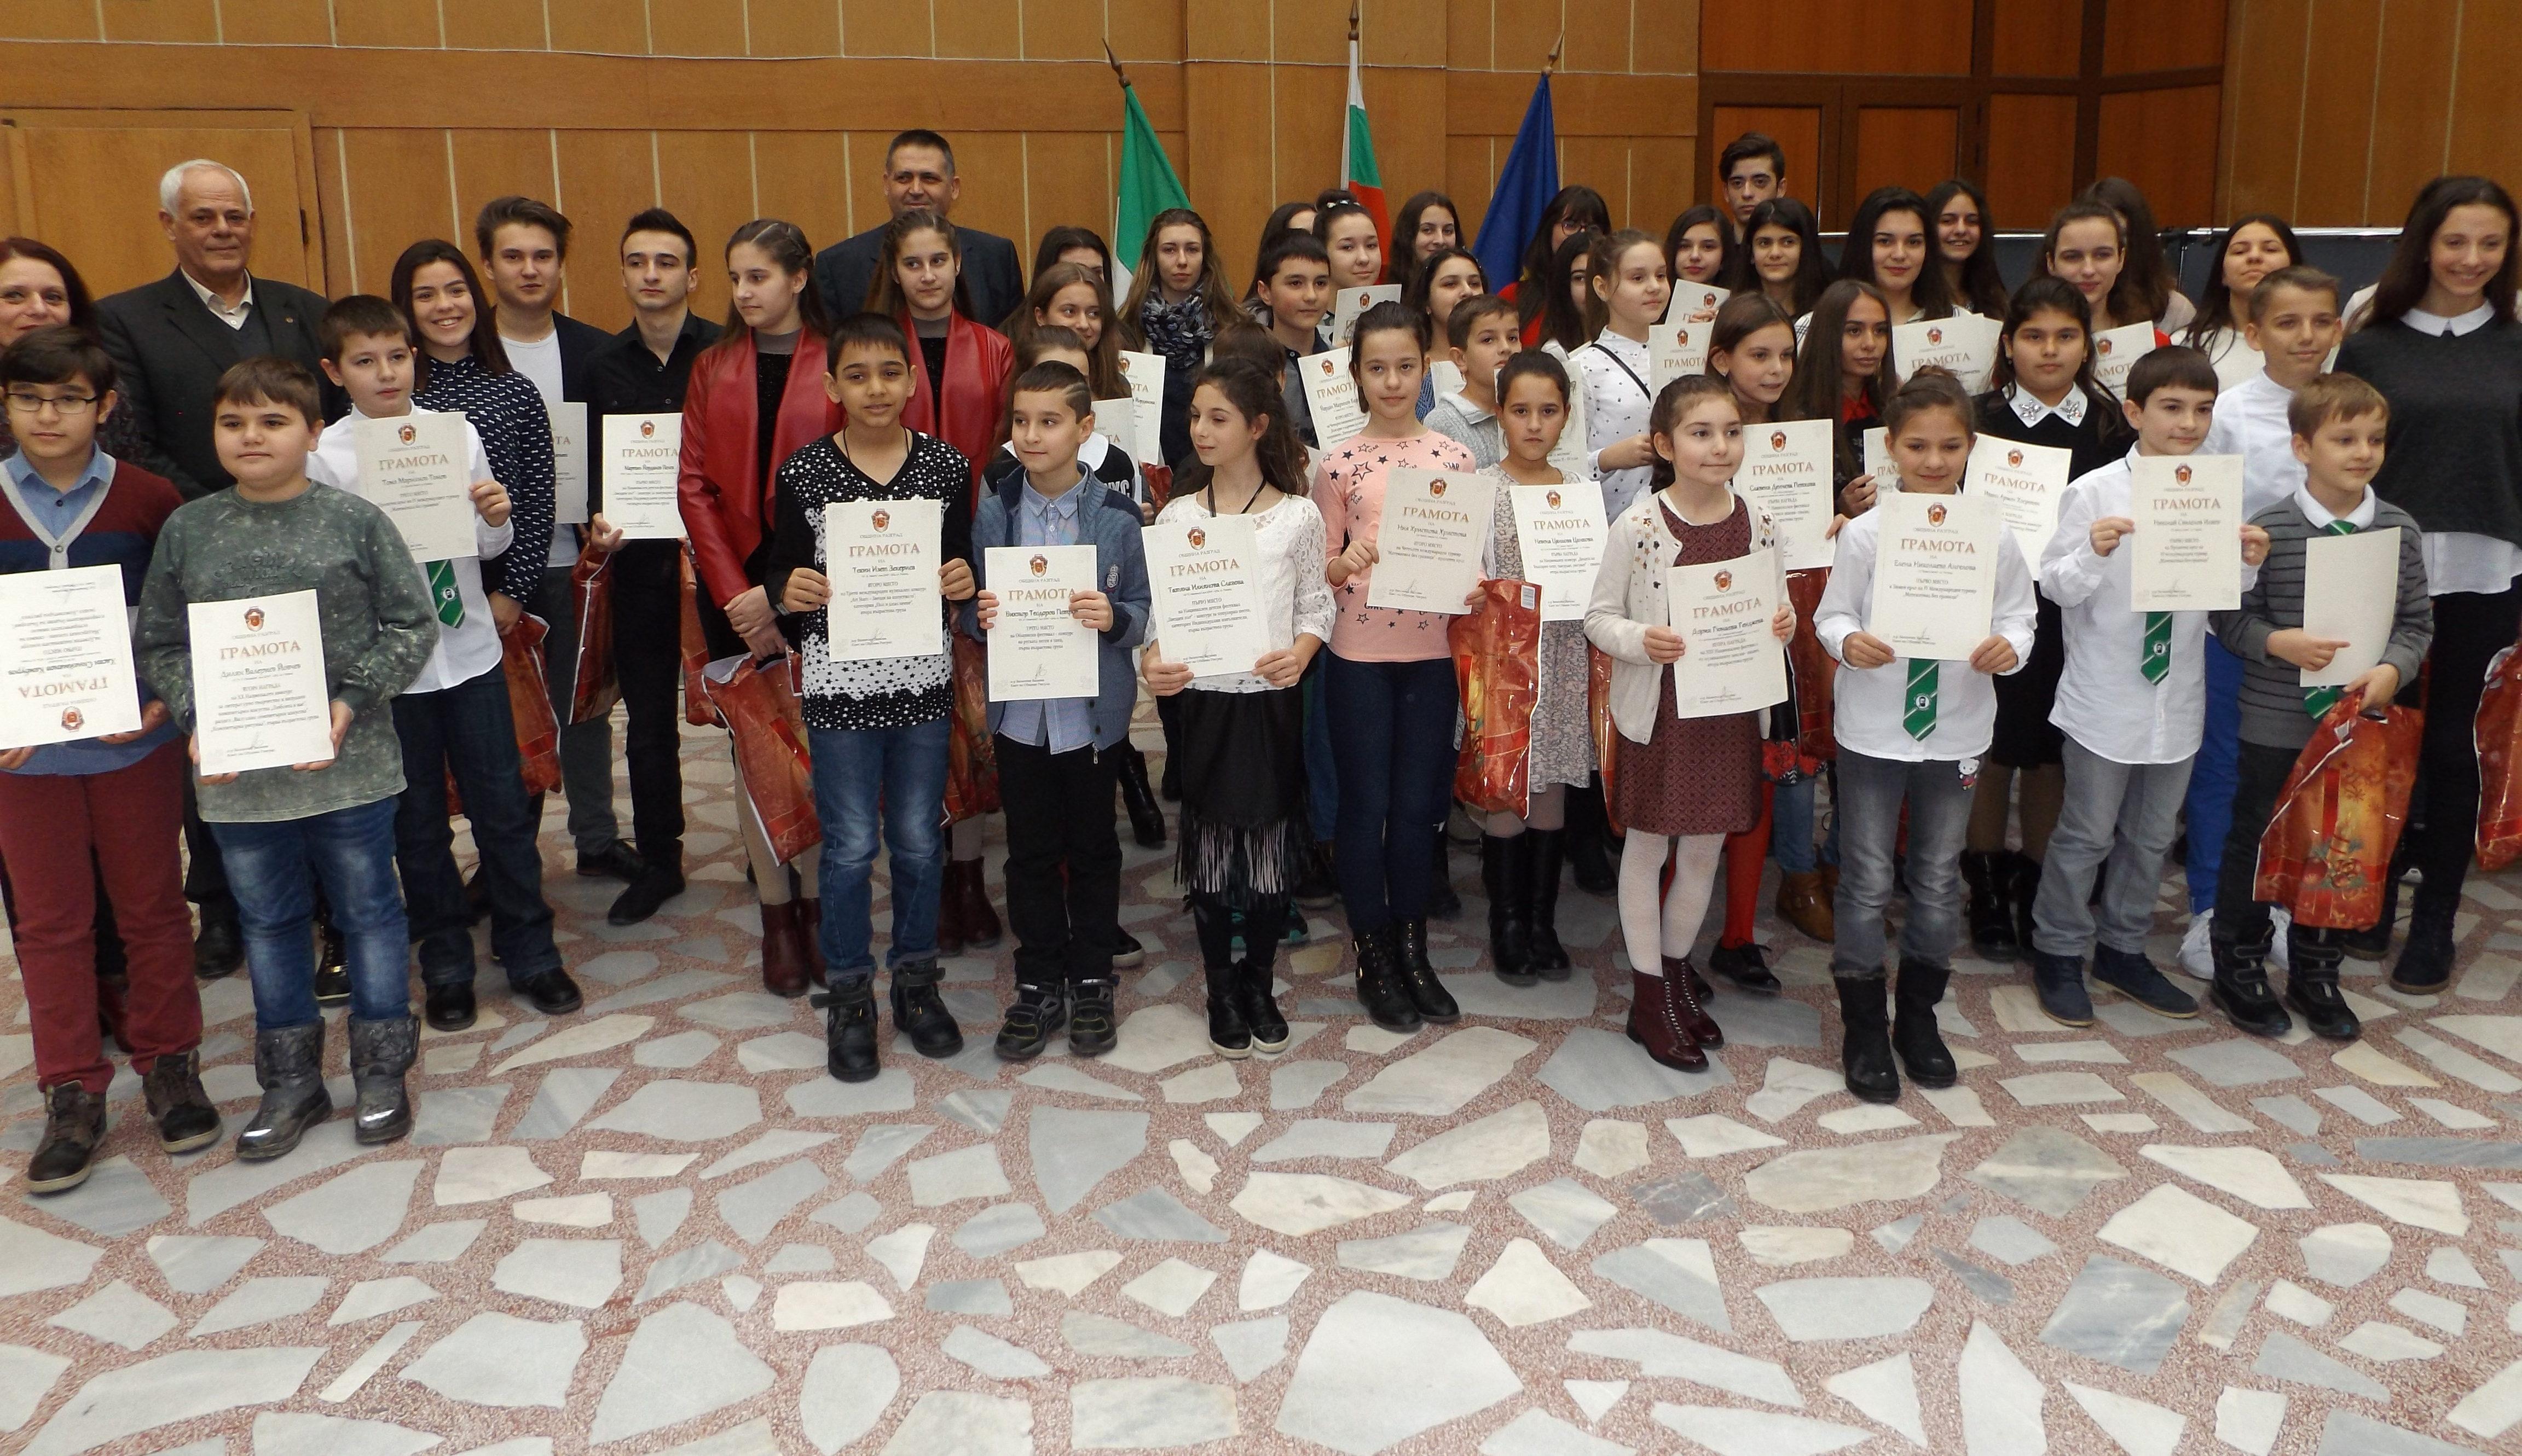 Наградиха 56 талантливи деца в Разград, четири пътуват � ...